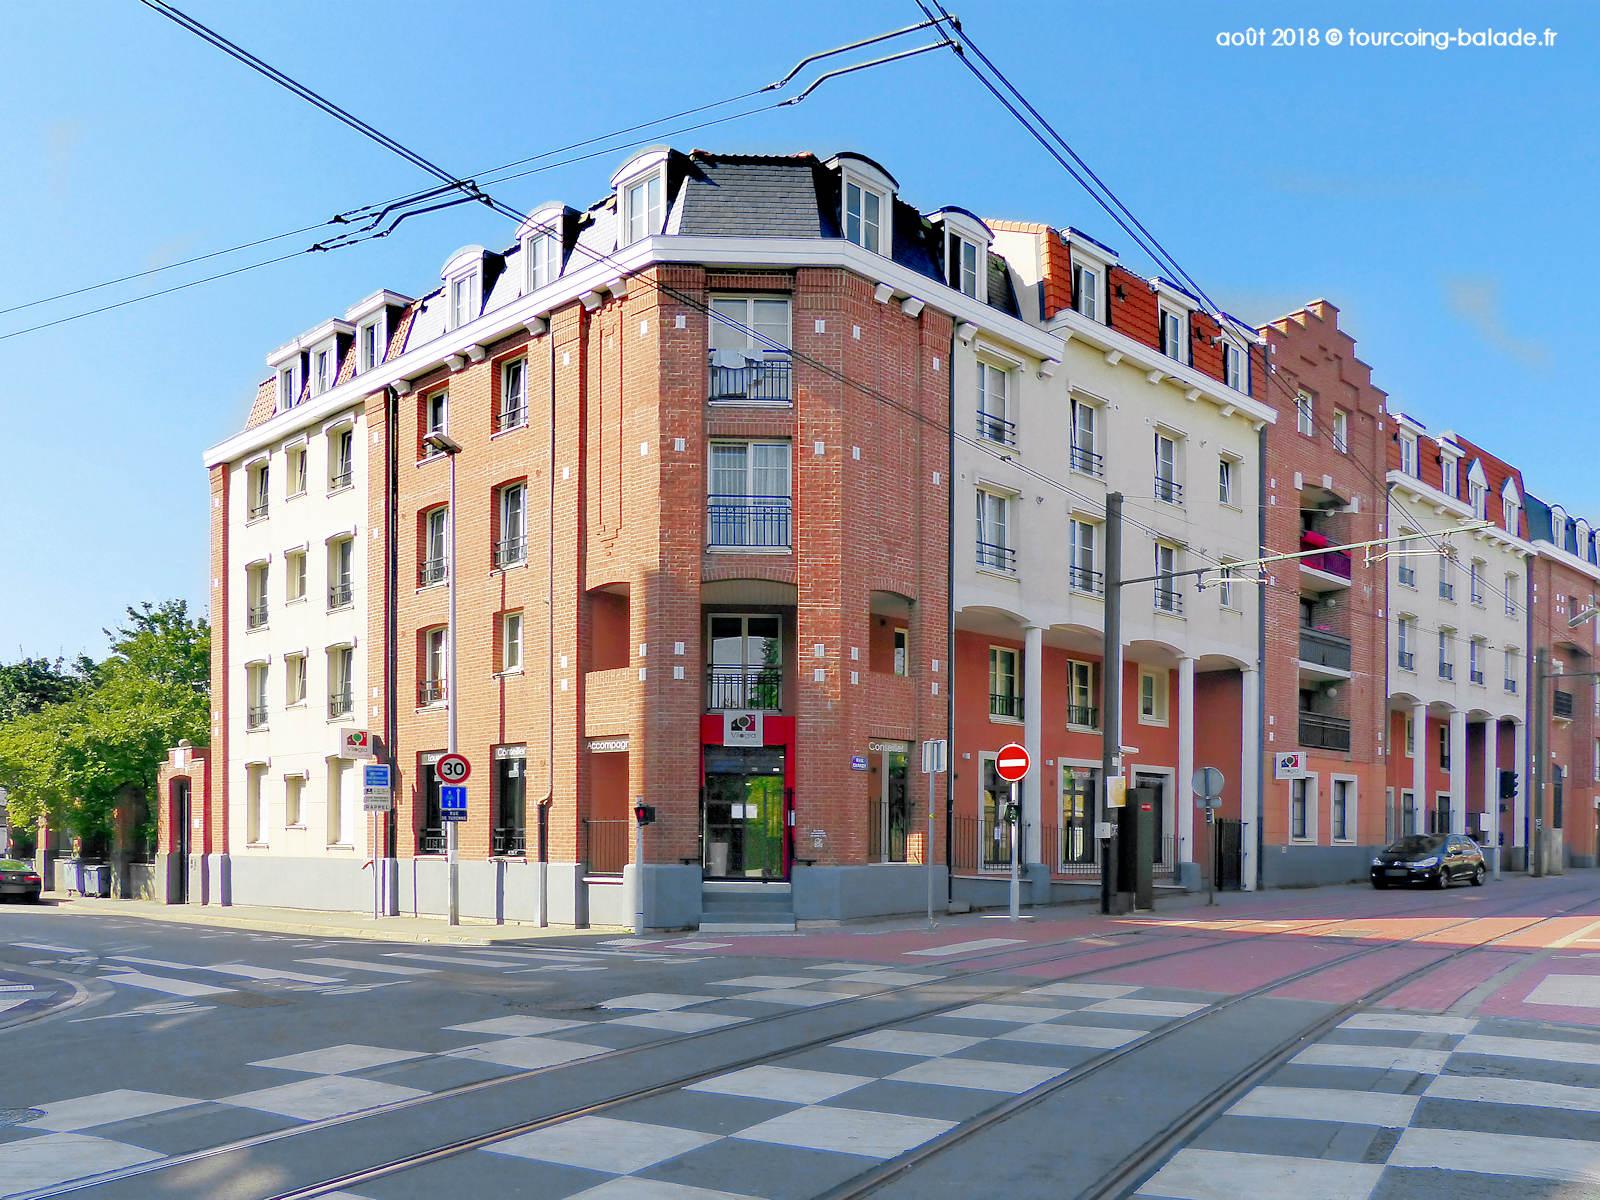 Résidence Turene, Tourcoing 2018